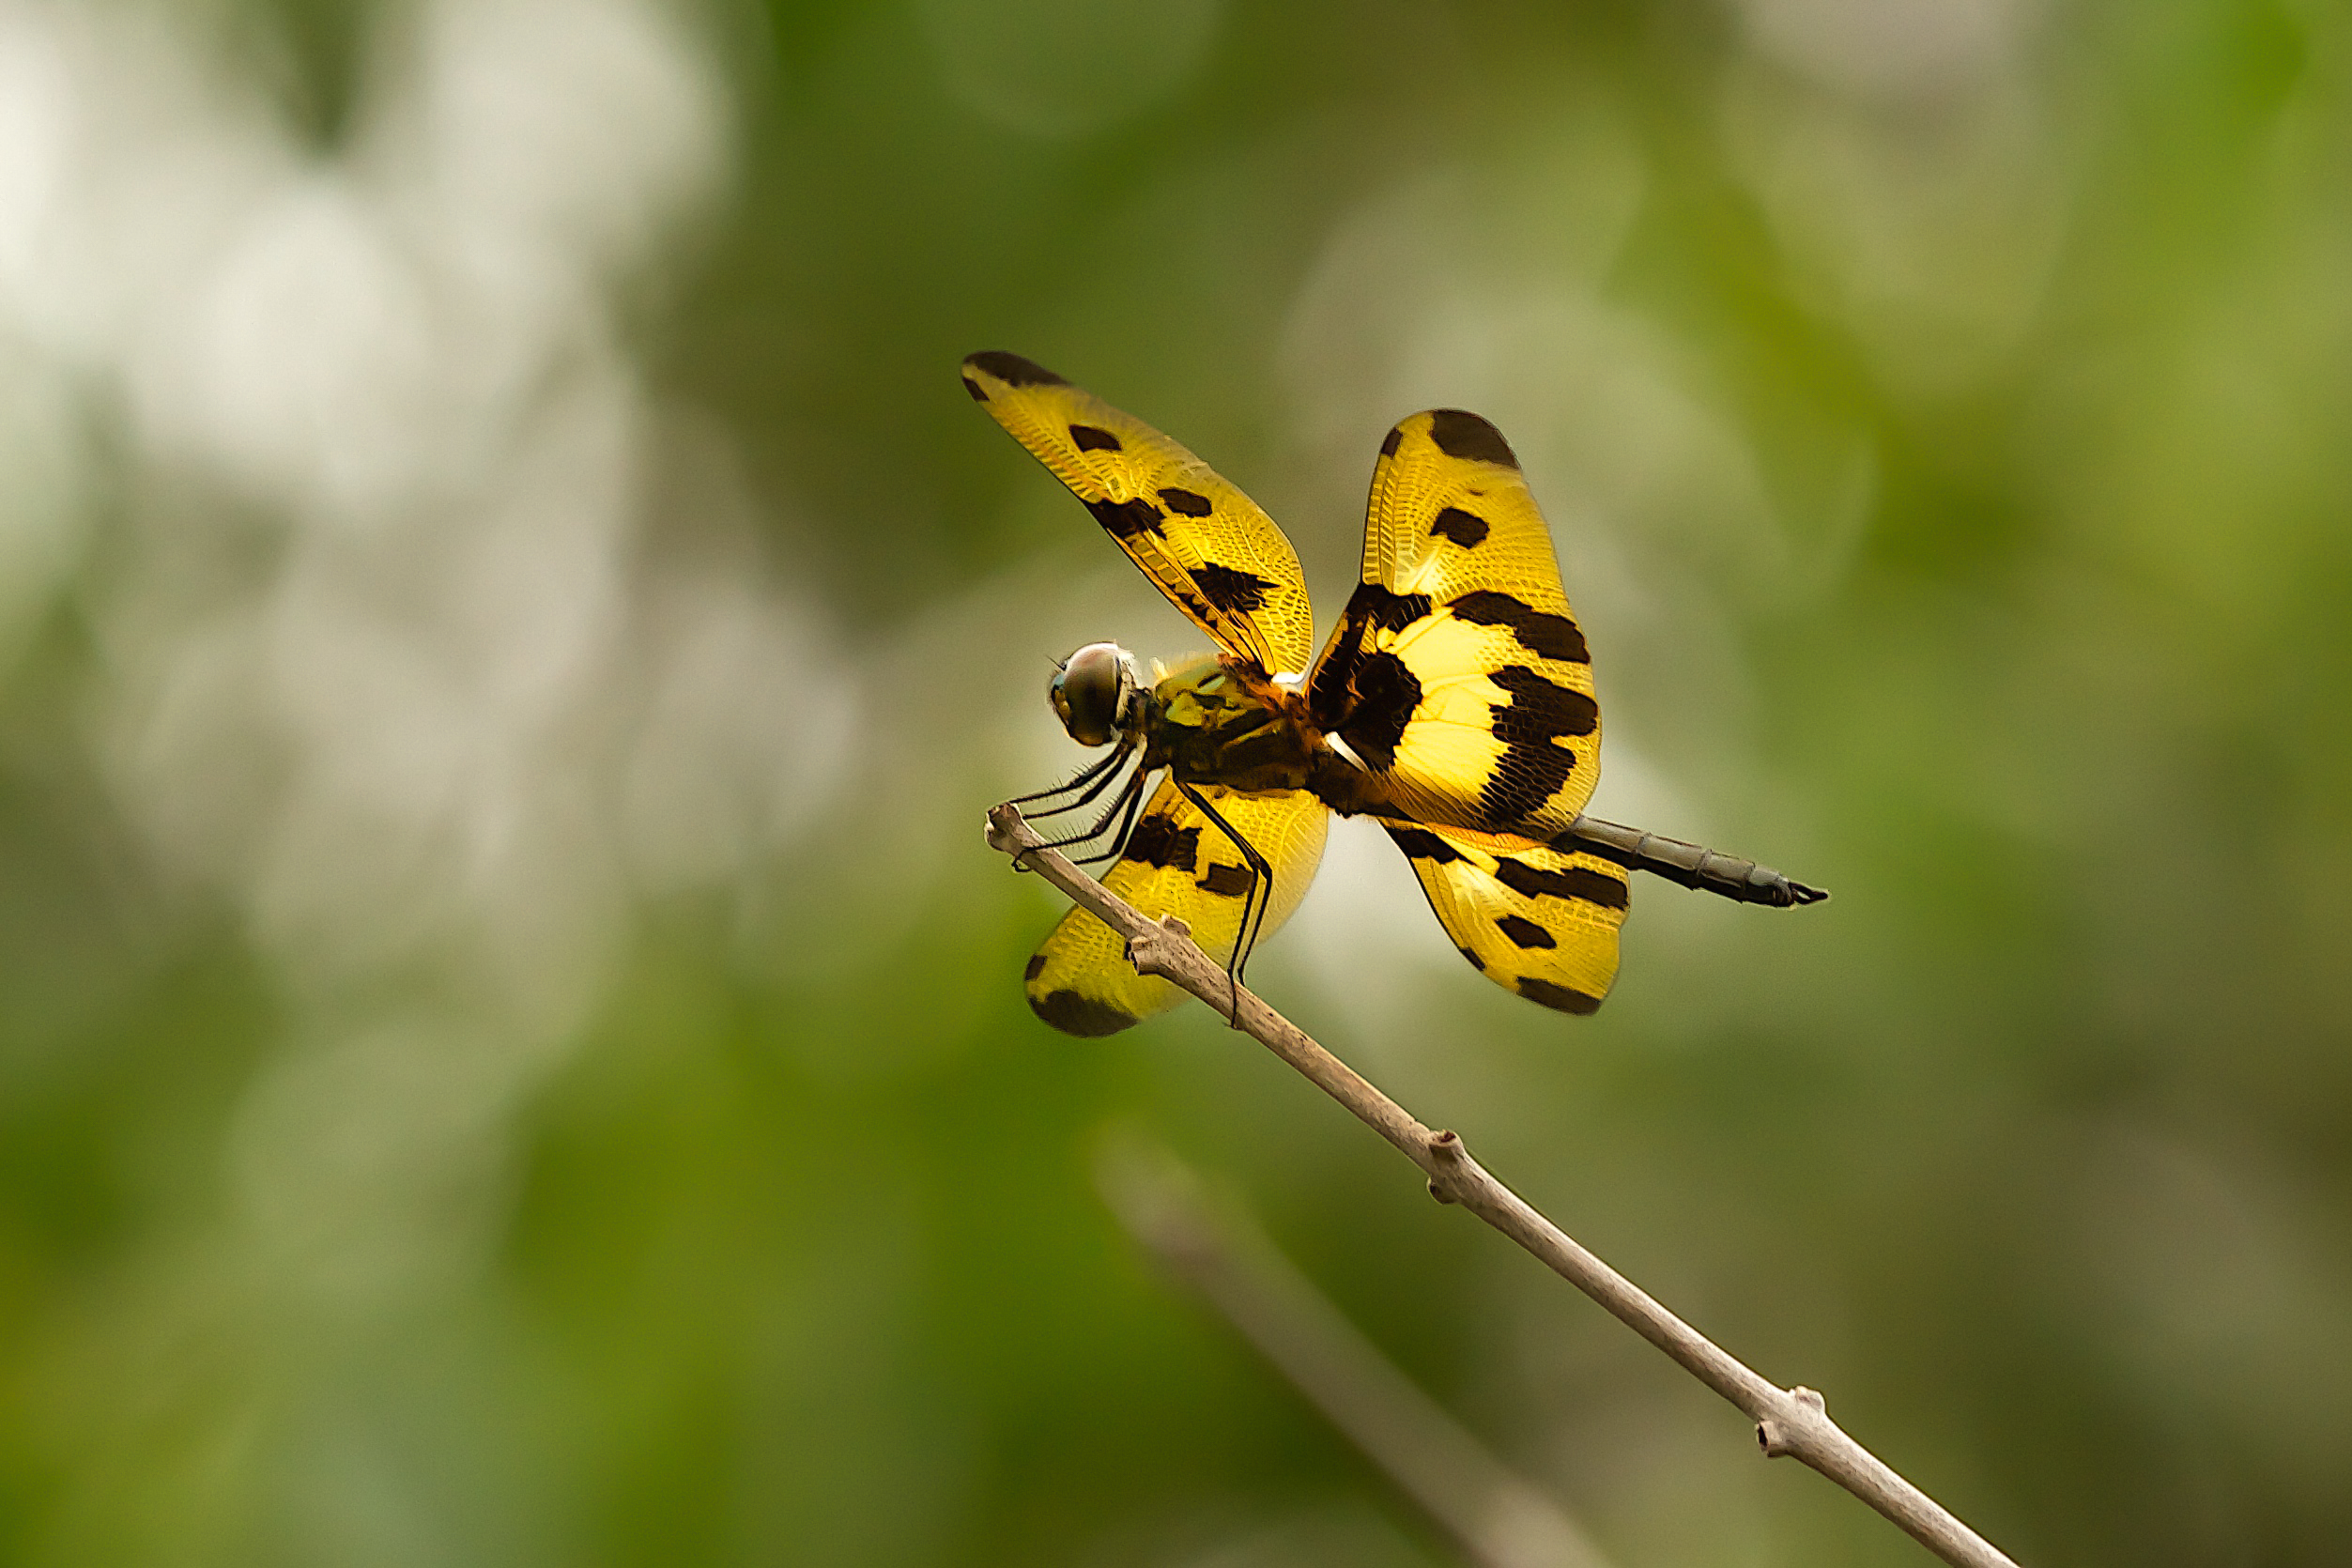 Variagated Flutterer